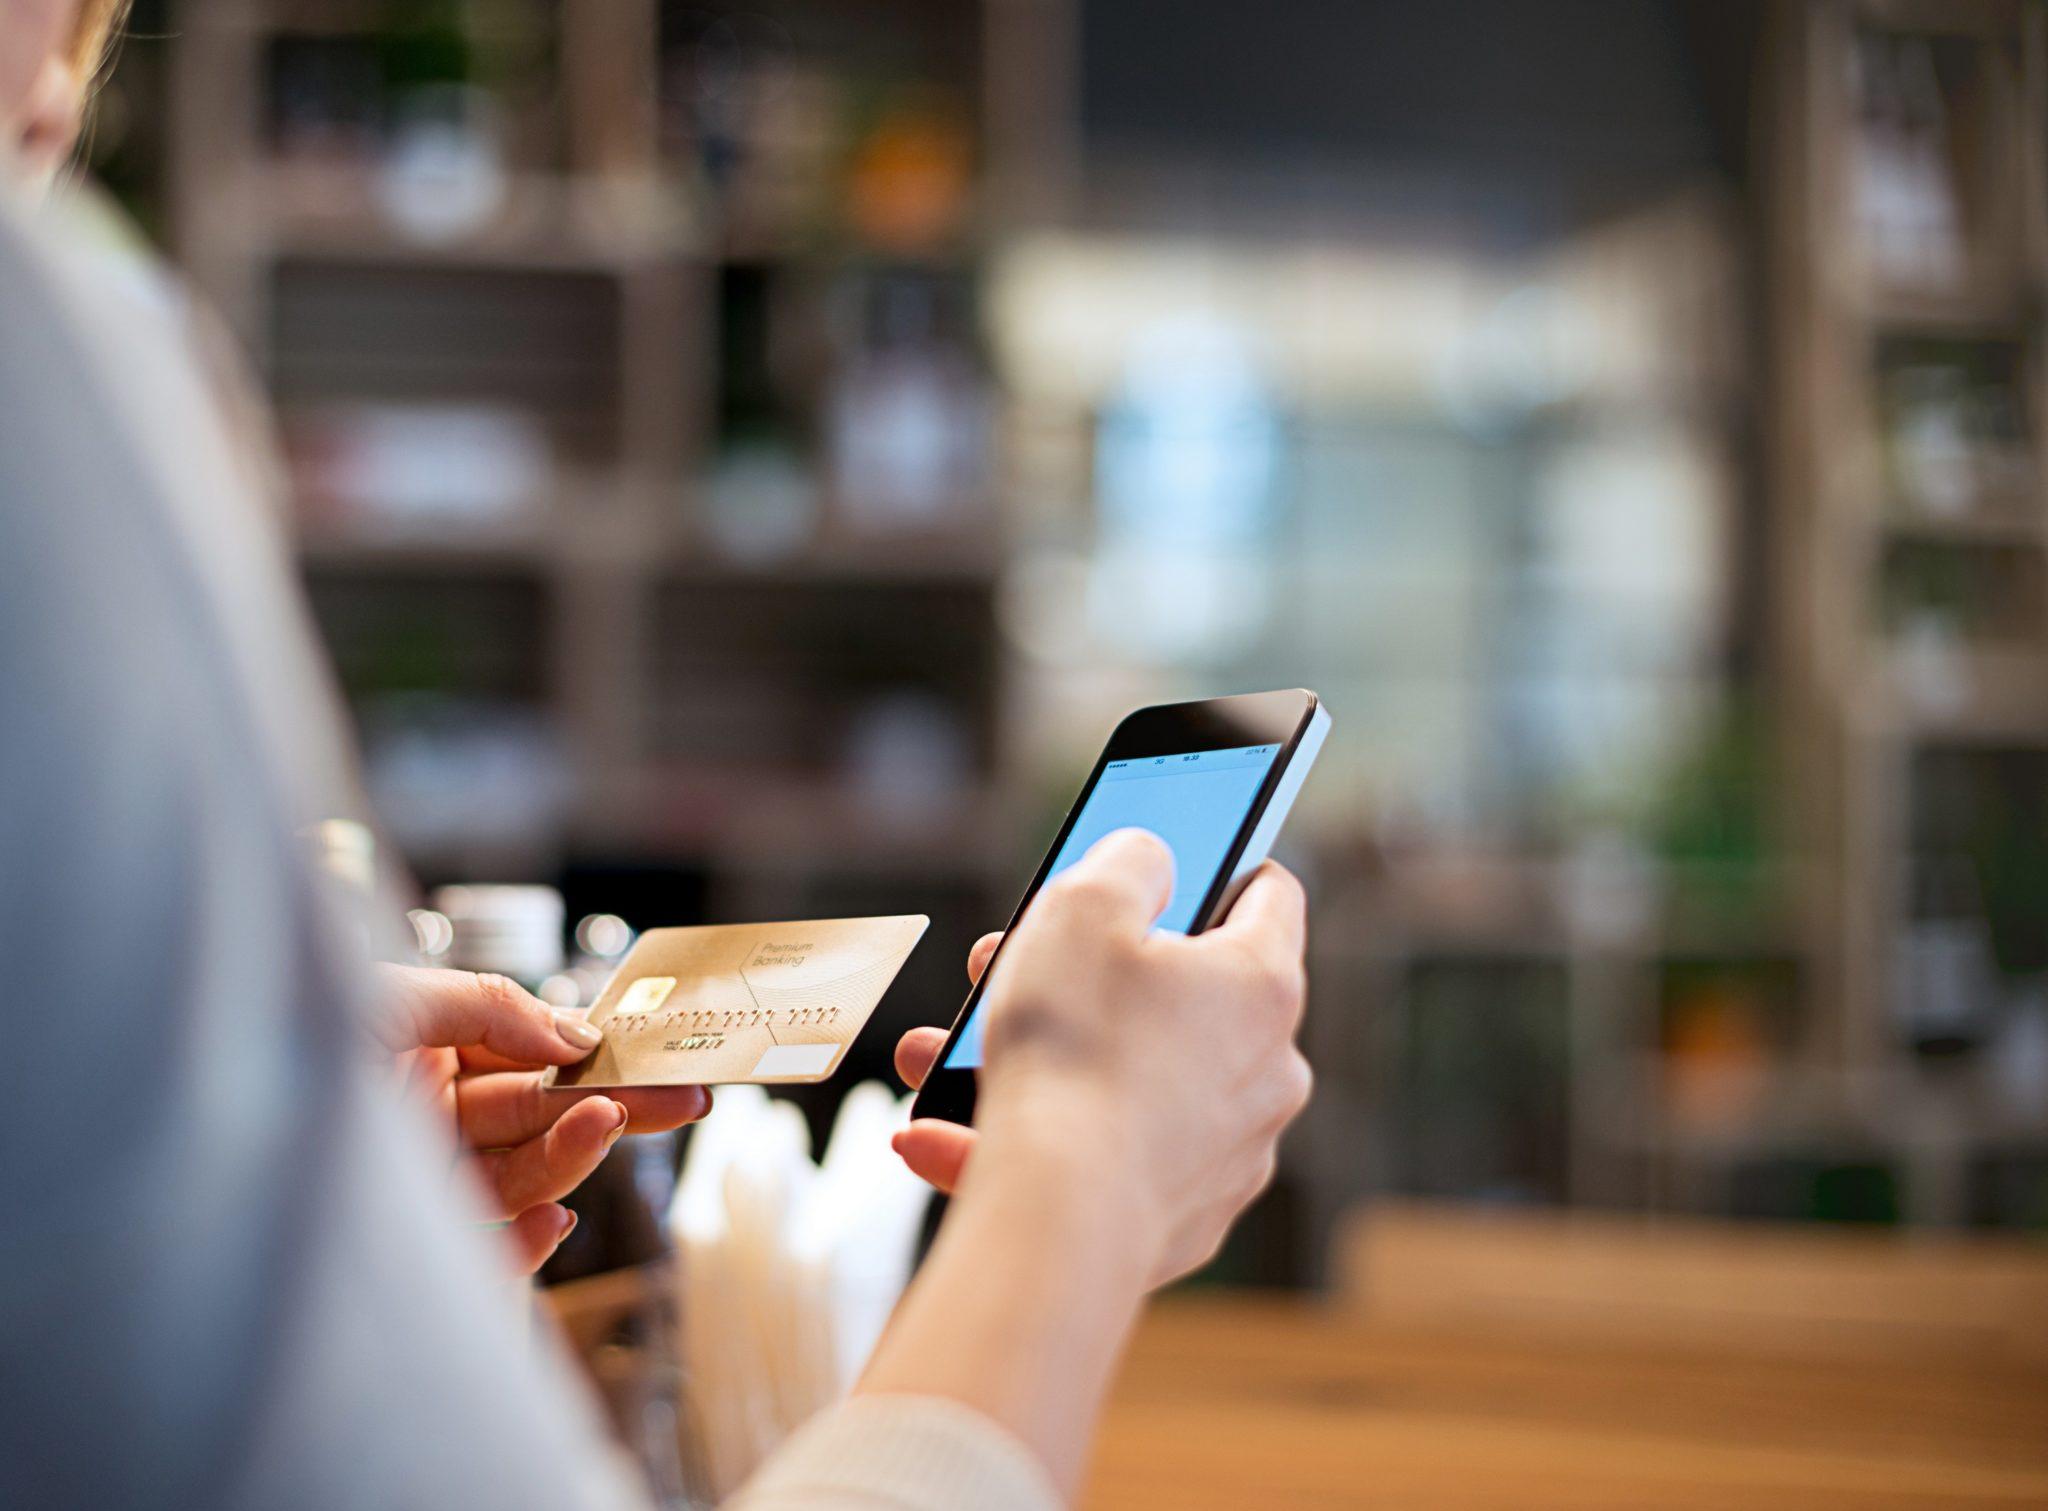 qnb finans bank mobil bankacilikla neler yapilabilir